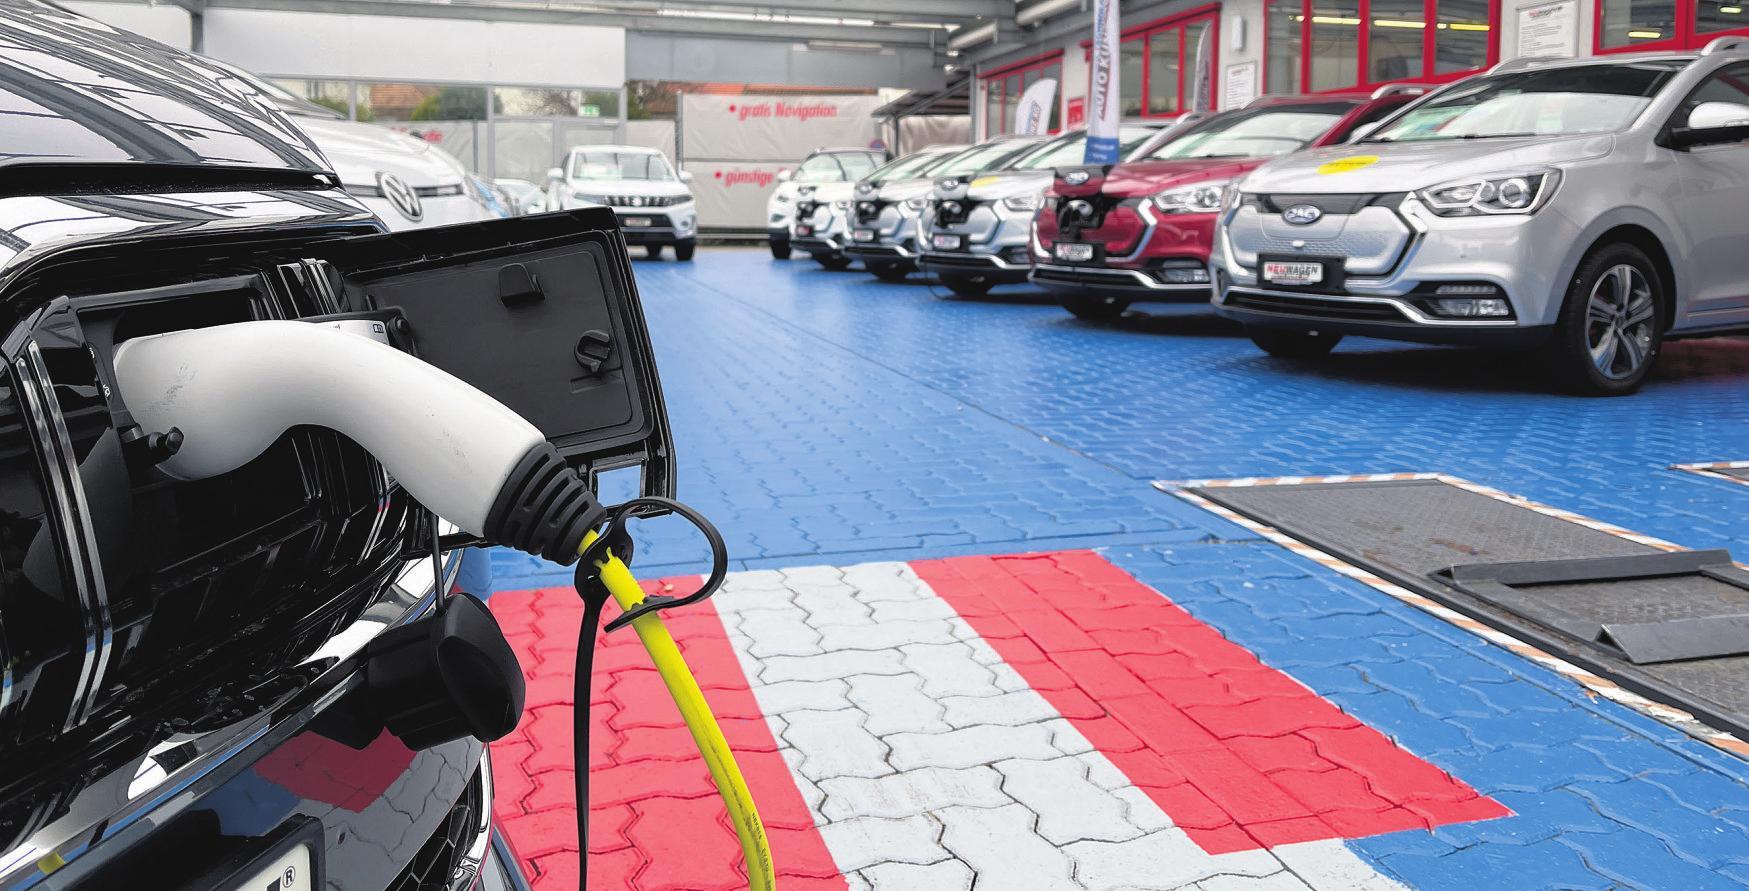 Steckdosenautos: Von Mild-Hybrid über Voll- und Plug-in-Hybrid bis hin zum Vollelektrofahrzeug ist alles vertreten und kann getestet und miteinander verglichen werden. Foto: zVg.